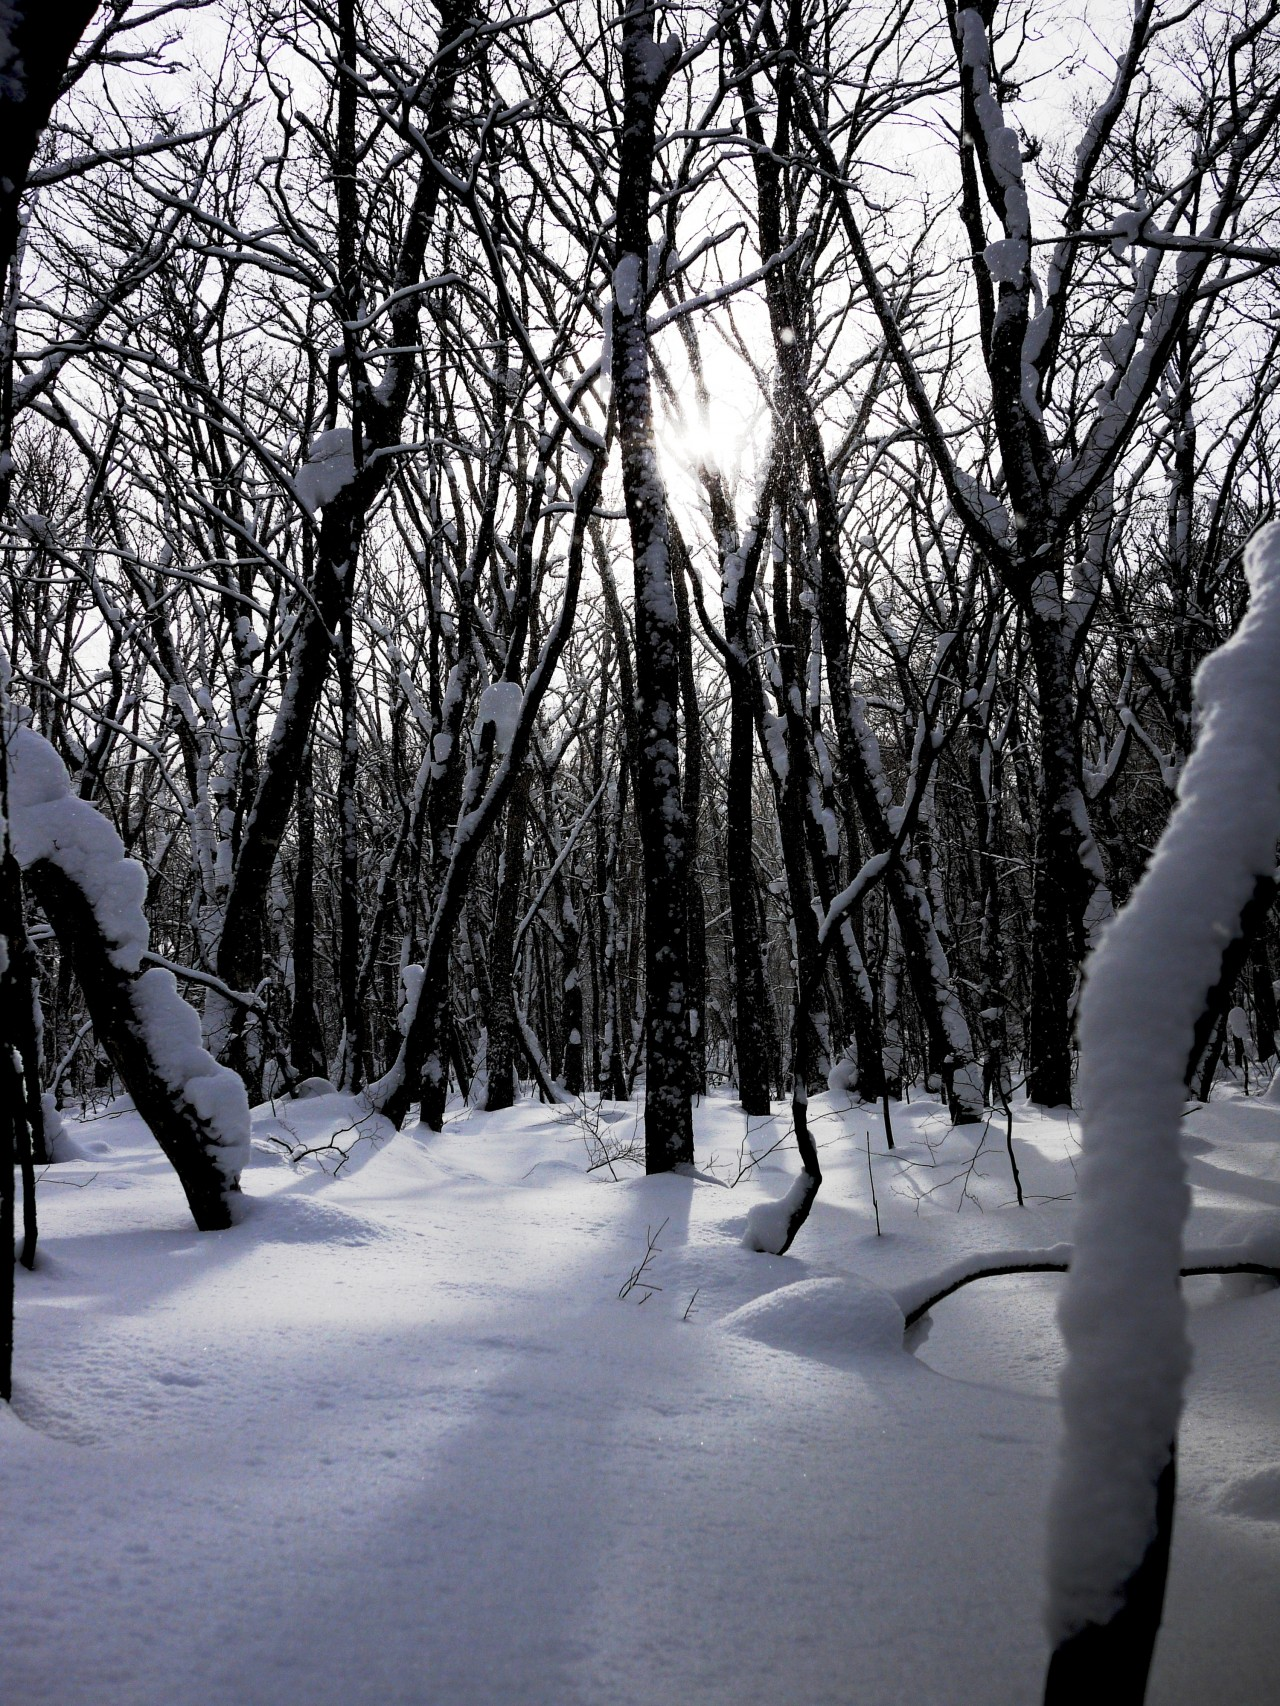 青森 上北 十和田市 風景 冬 雪 木 樹 森林